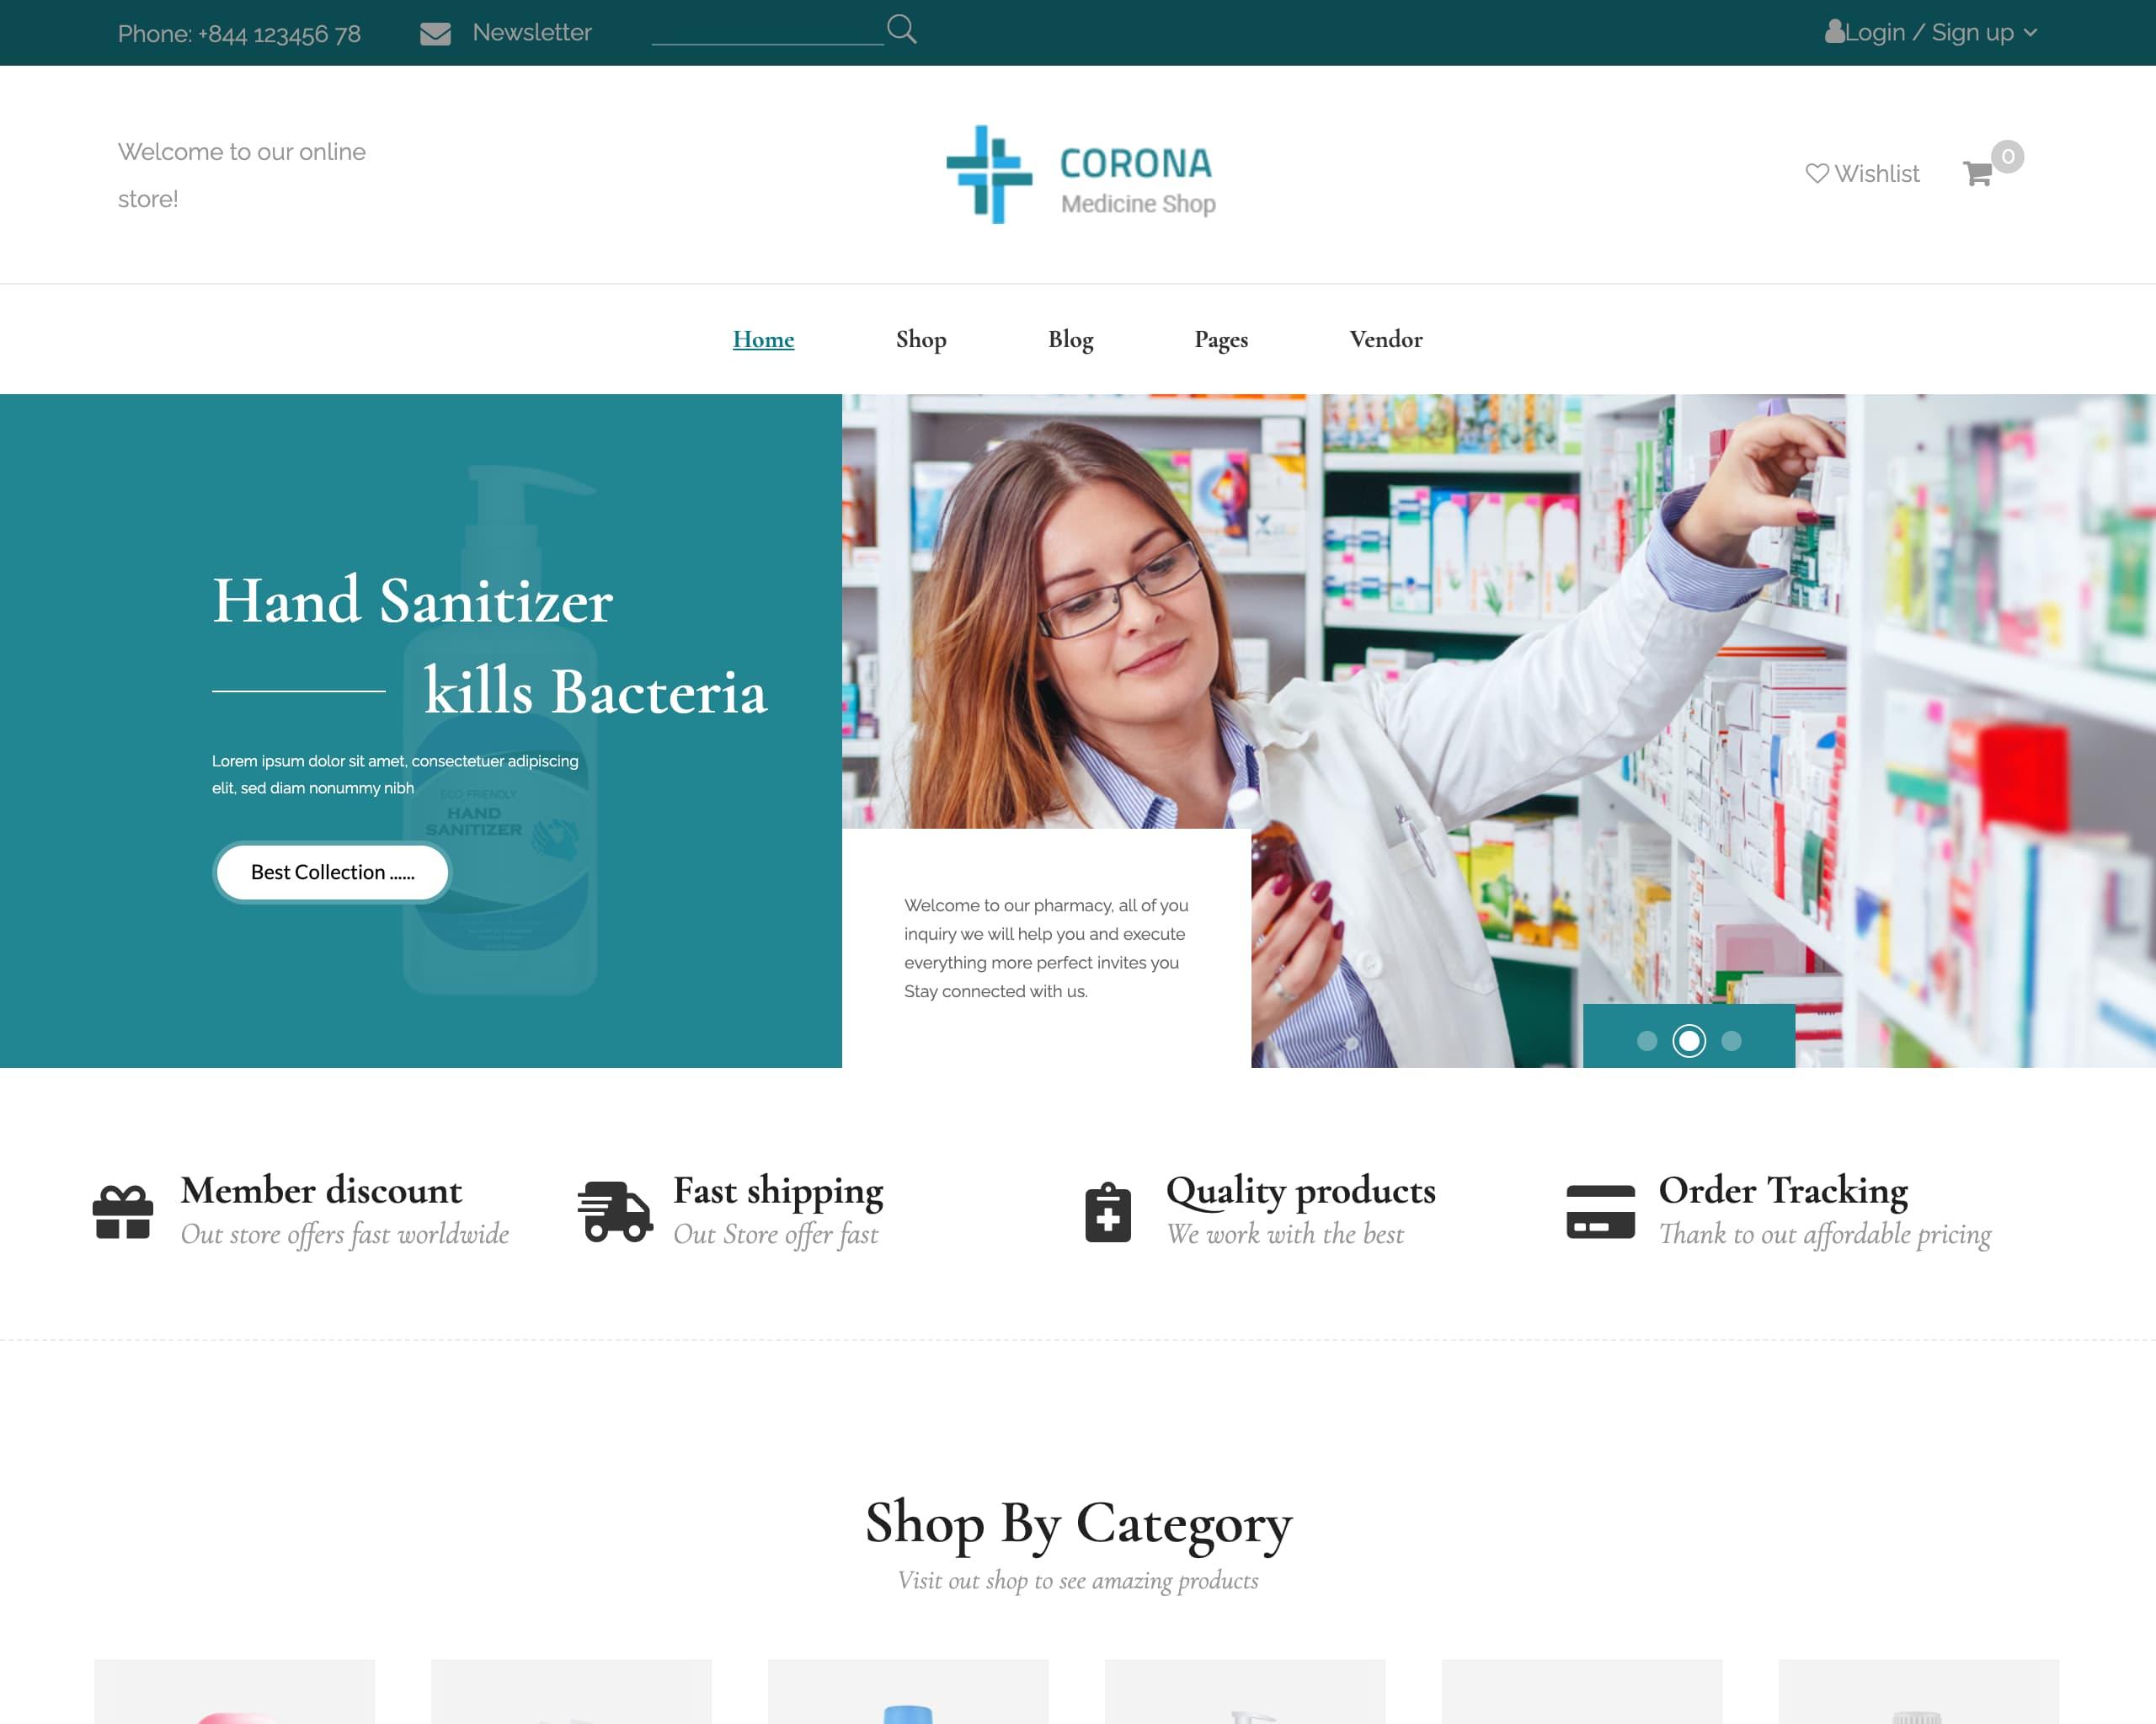 Website tiệm thuốc - cửa hàng dược phẩm